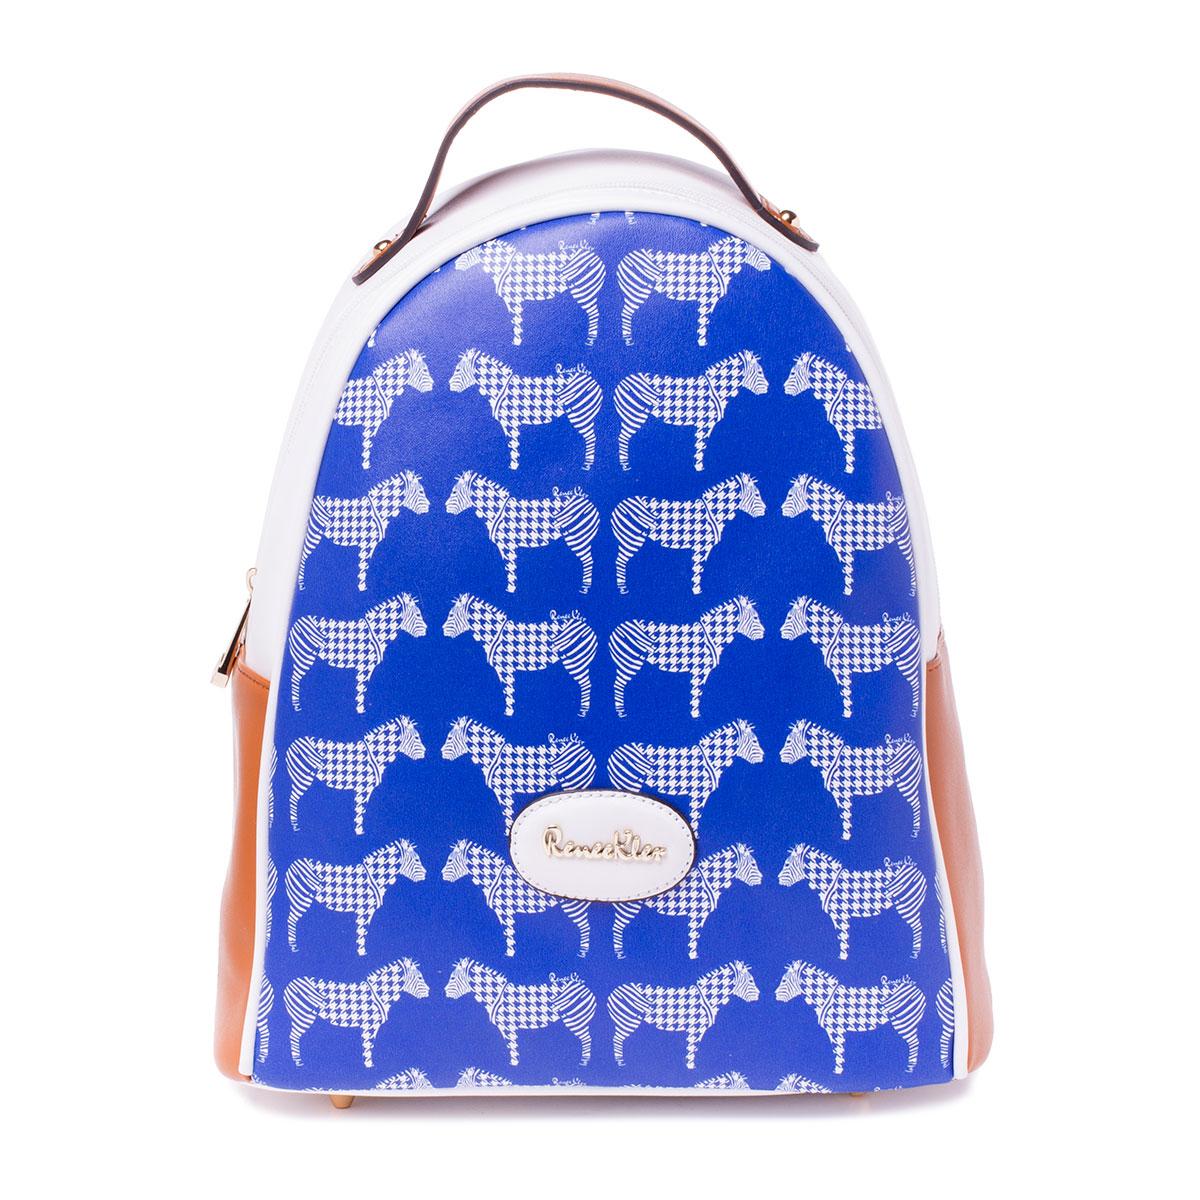 Рюкзак женский Renee Kler, цвет: синий, белый. RK487-06RK487-06Стильный женский рюкзак Renee Kler идеально подойдет под ваш образ. Рюкзак выполнен из качественной искусственной кожи и застегивается на застежку- молнию. Внутри расположено главное отделение, которое состоит из одного кармана на молнии и двух открытых карманов. Рюкзак оснащен лямками, длина которых регулируется. Такой модный и удобный рюкзак станет незаменимым аксессуаром в вашем гардеробе.